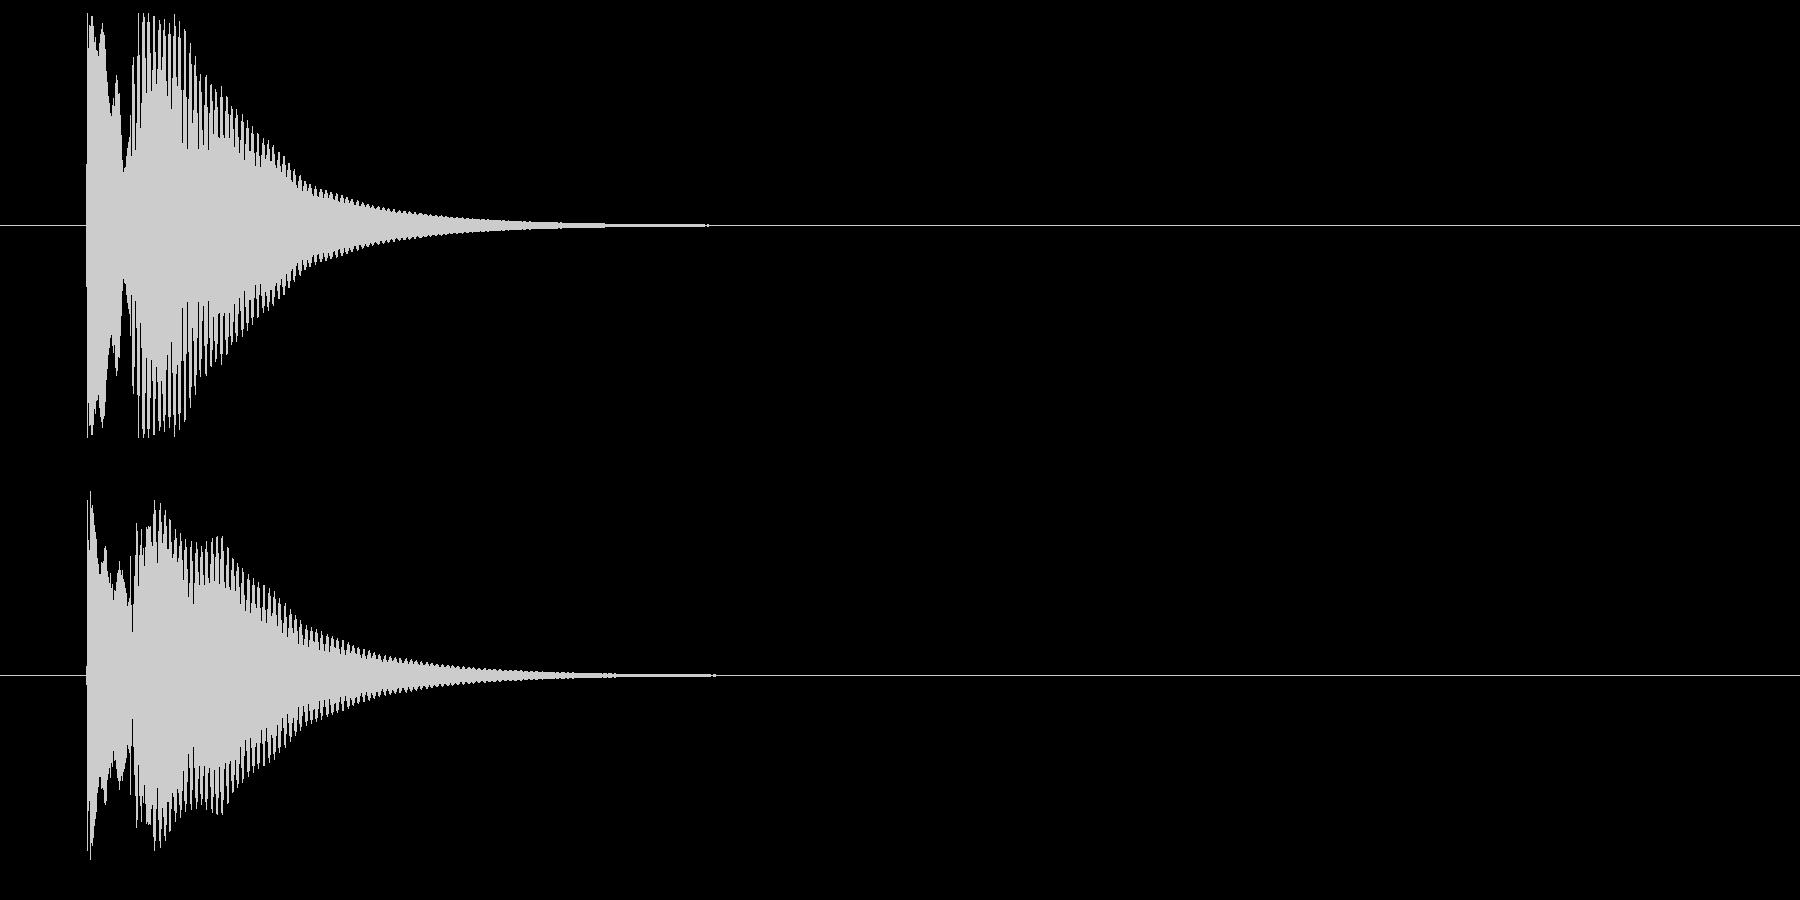 木琴によるキャンセル音の未再生の波形